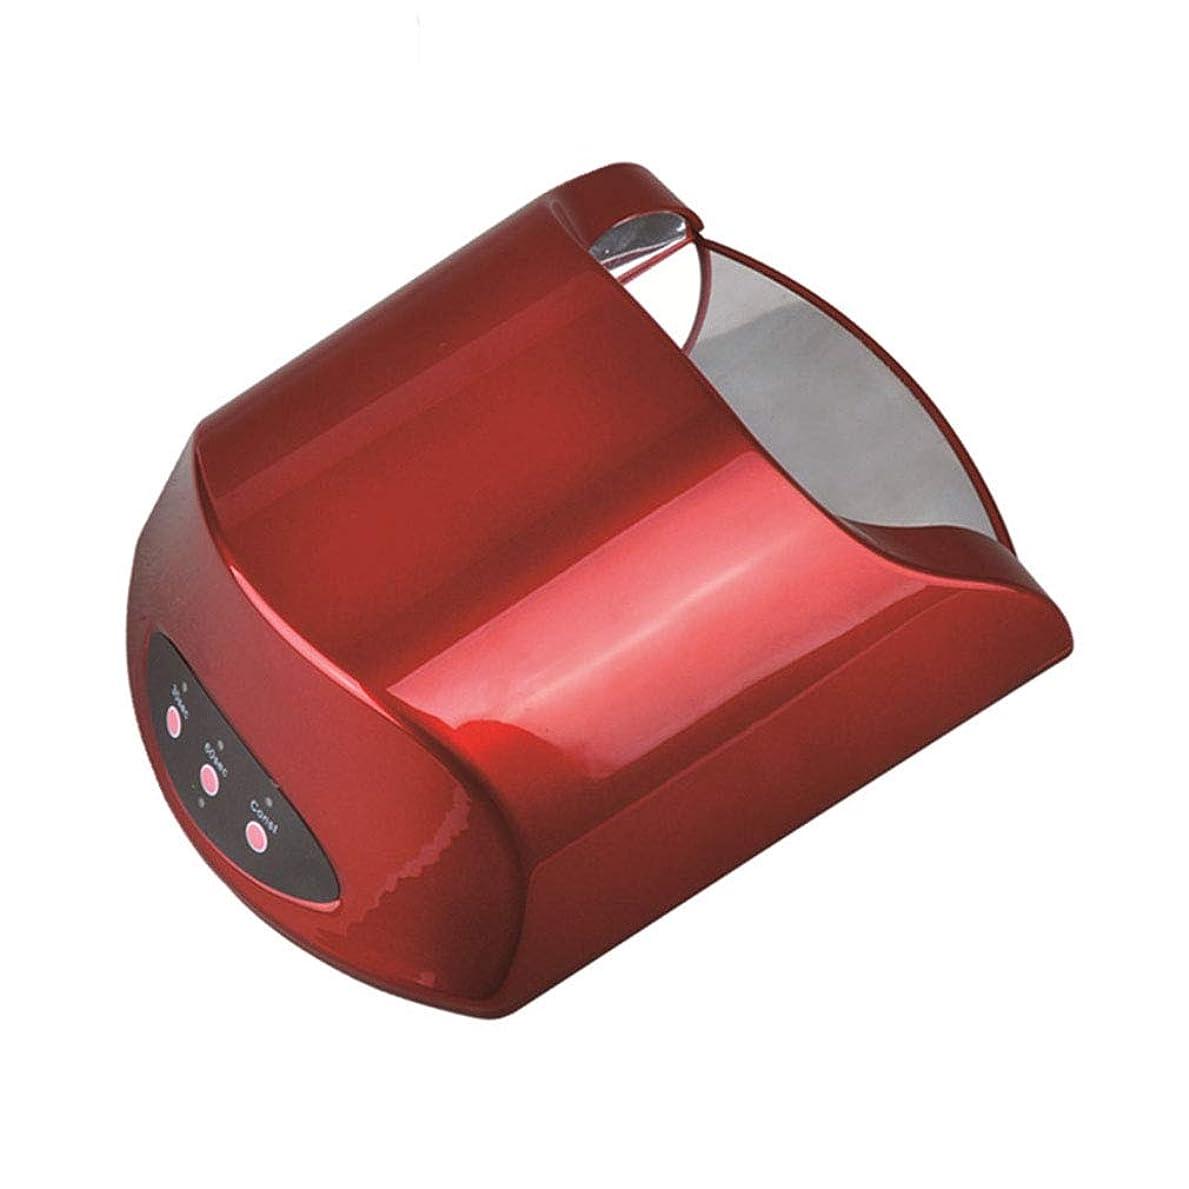 仕方カフェ兵器庫インテリジェントなランプ機能、オープンデザイン、赤外線センサーと30秒60秒タイマー設定のゲルネイルポリッシュシェラックのための36W UV LEDランプネイルドライヤー,Red